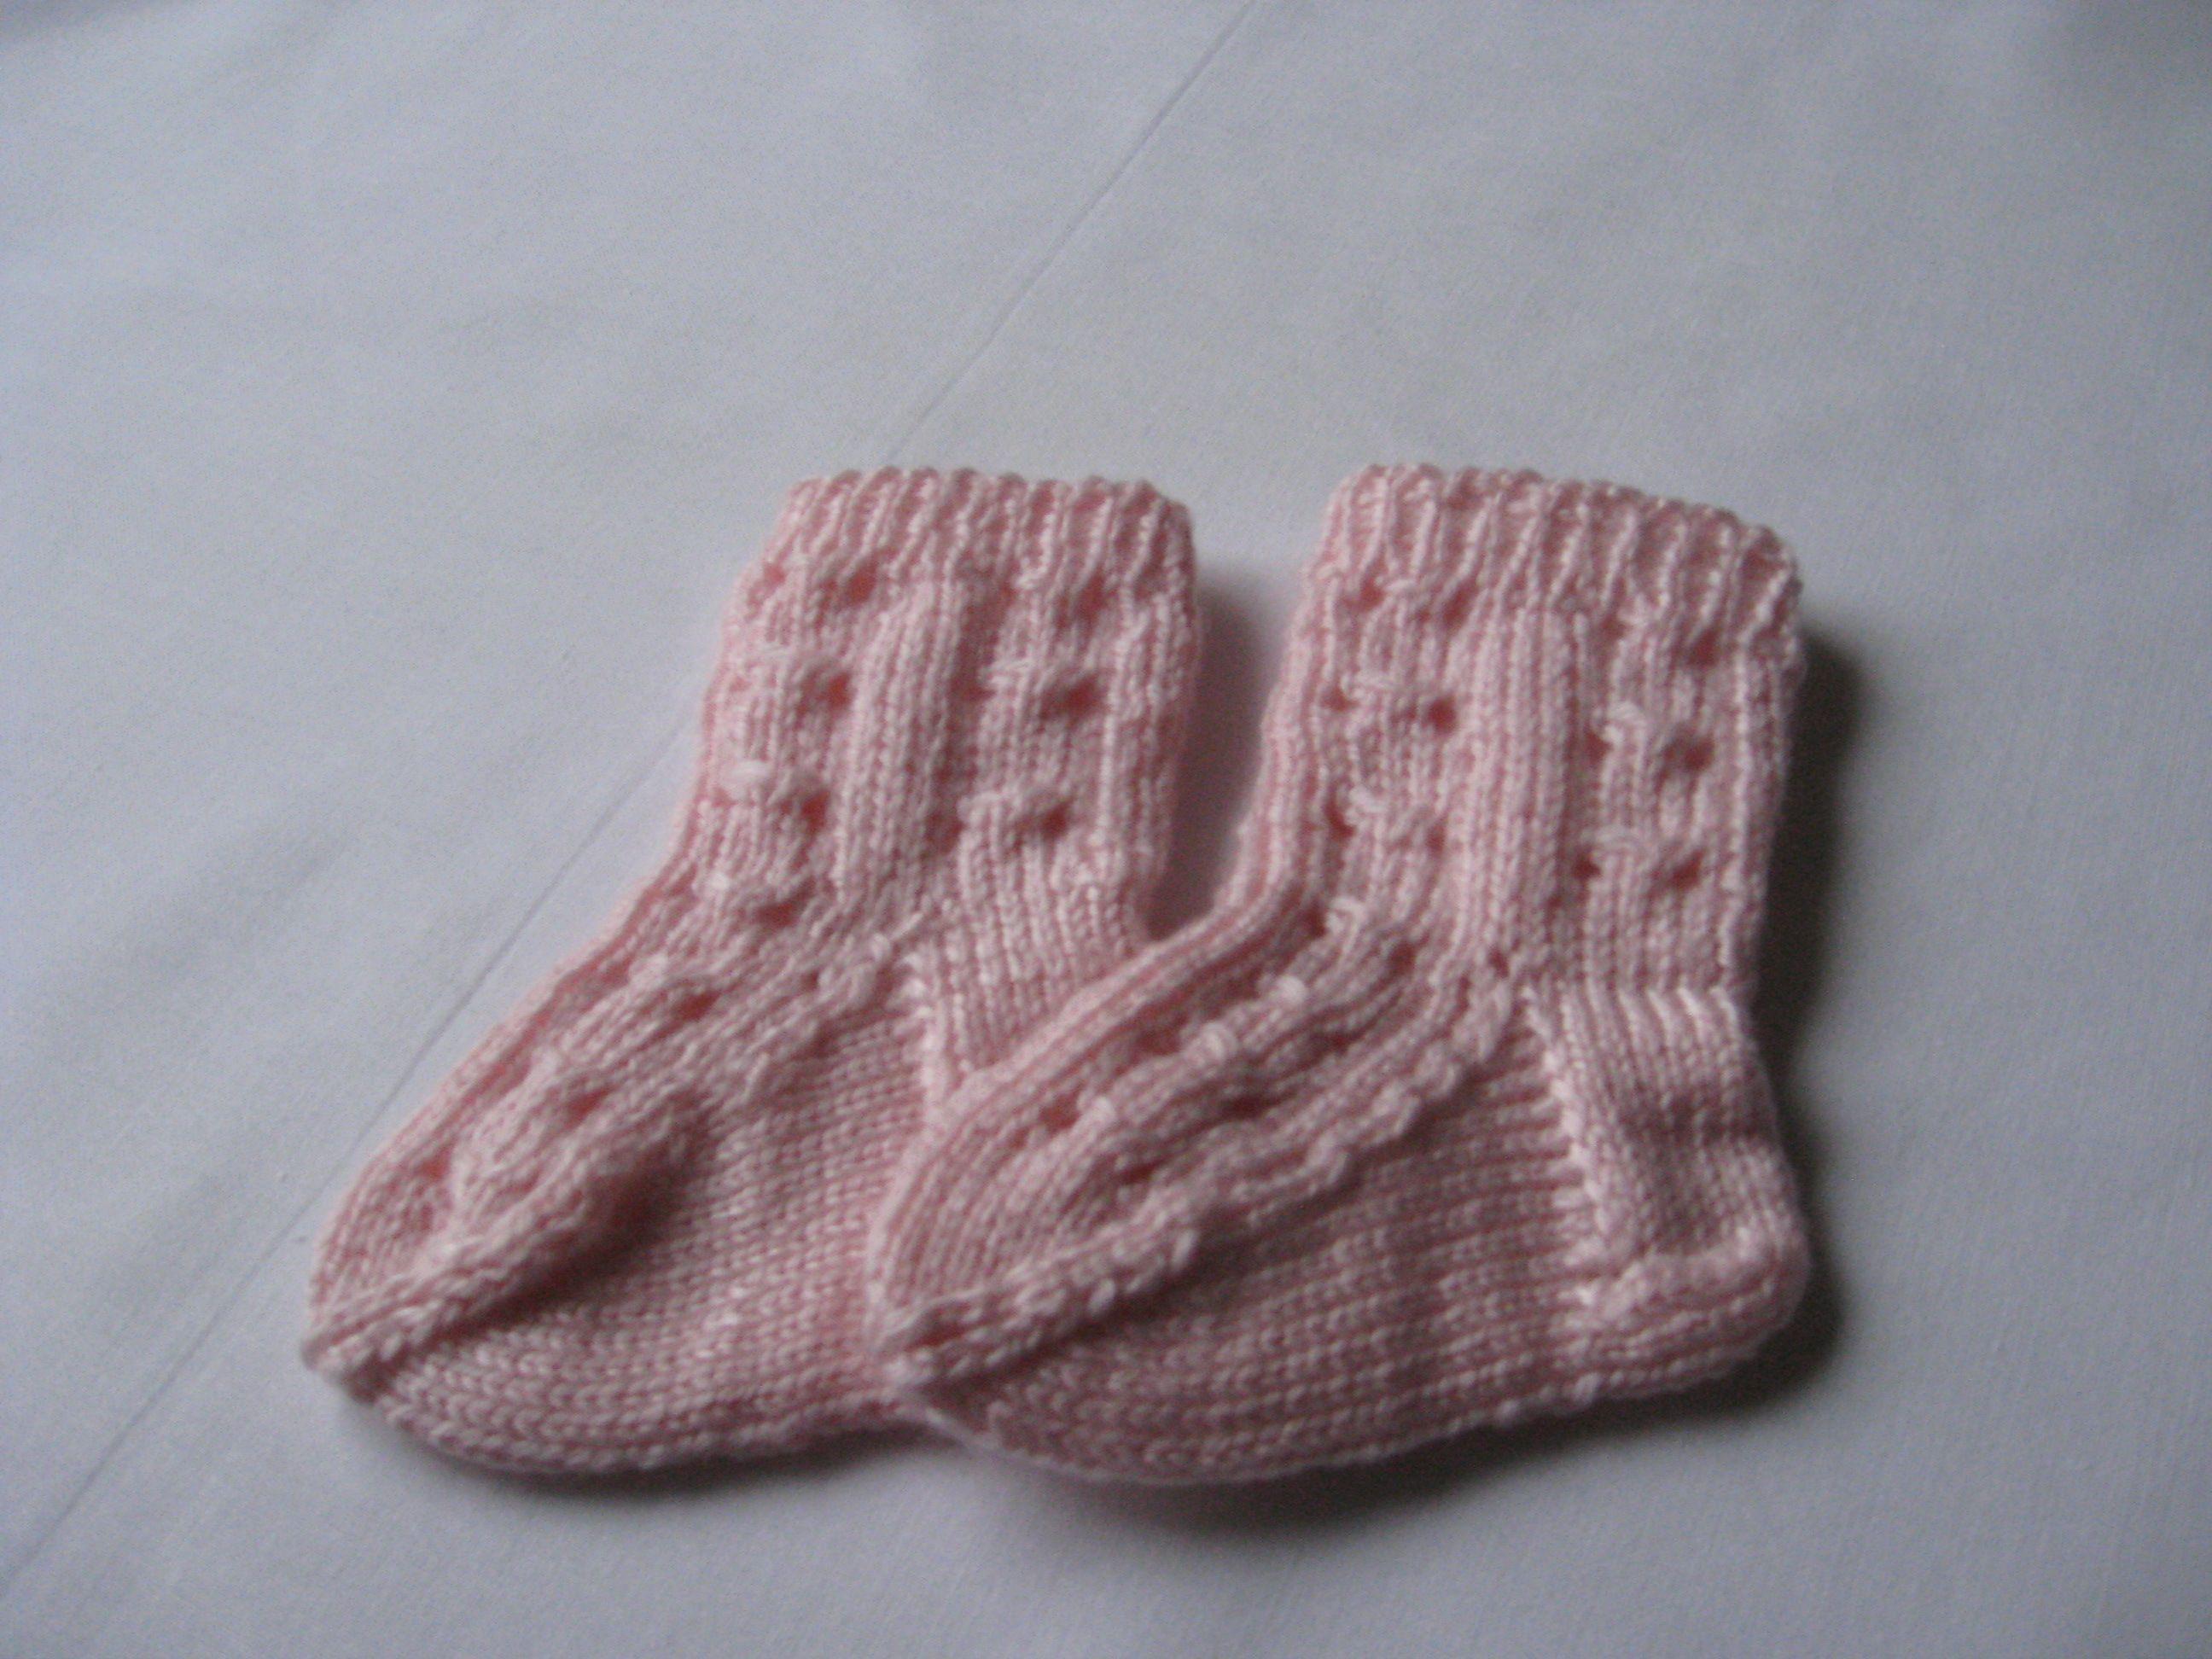 Käsinkudotut vastasyntyneen vauvan sukat Väri: Vaaleanpunainen Materiaali: Suomalainen Novita vauvalanka Hinta: 10.00 € Myy: www.mimmys.com